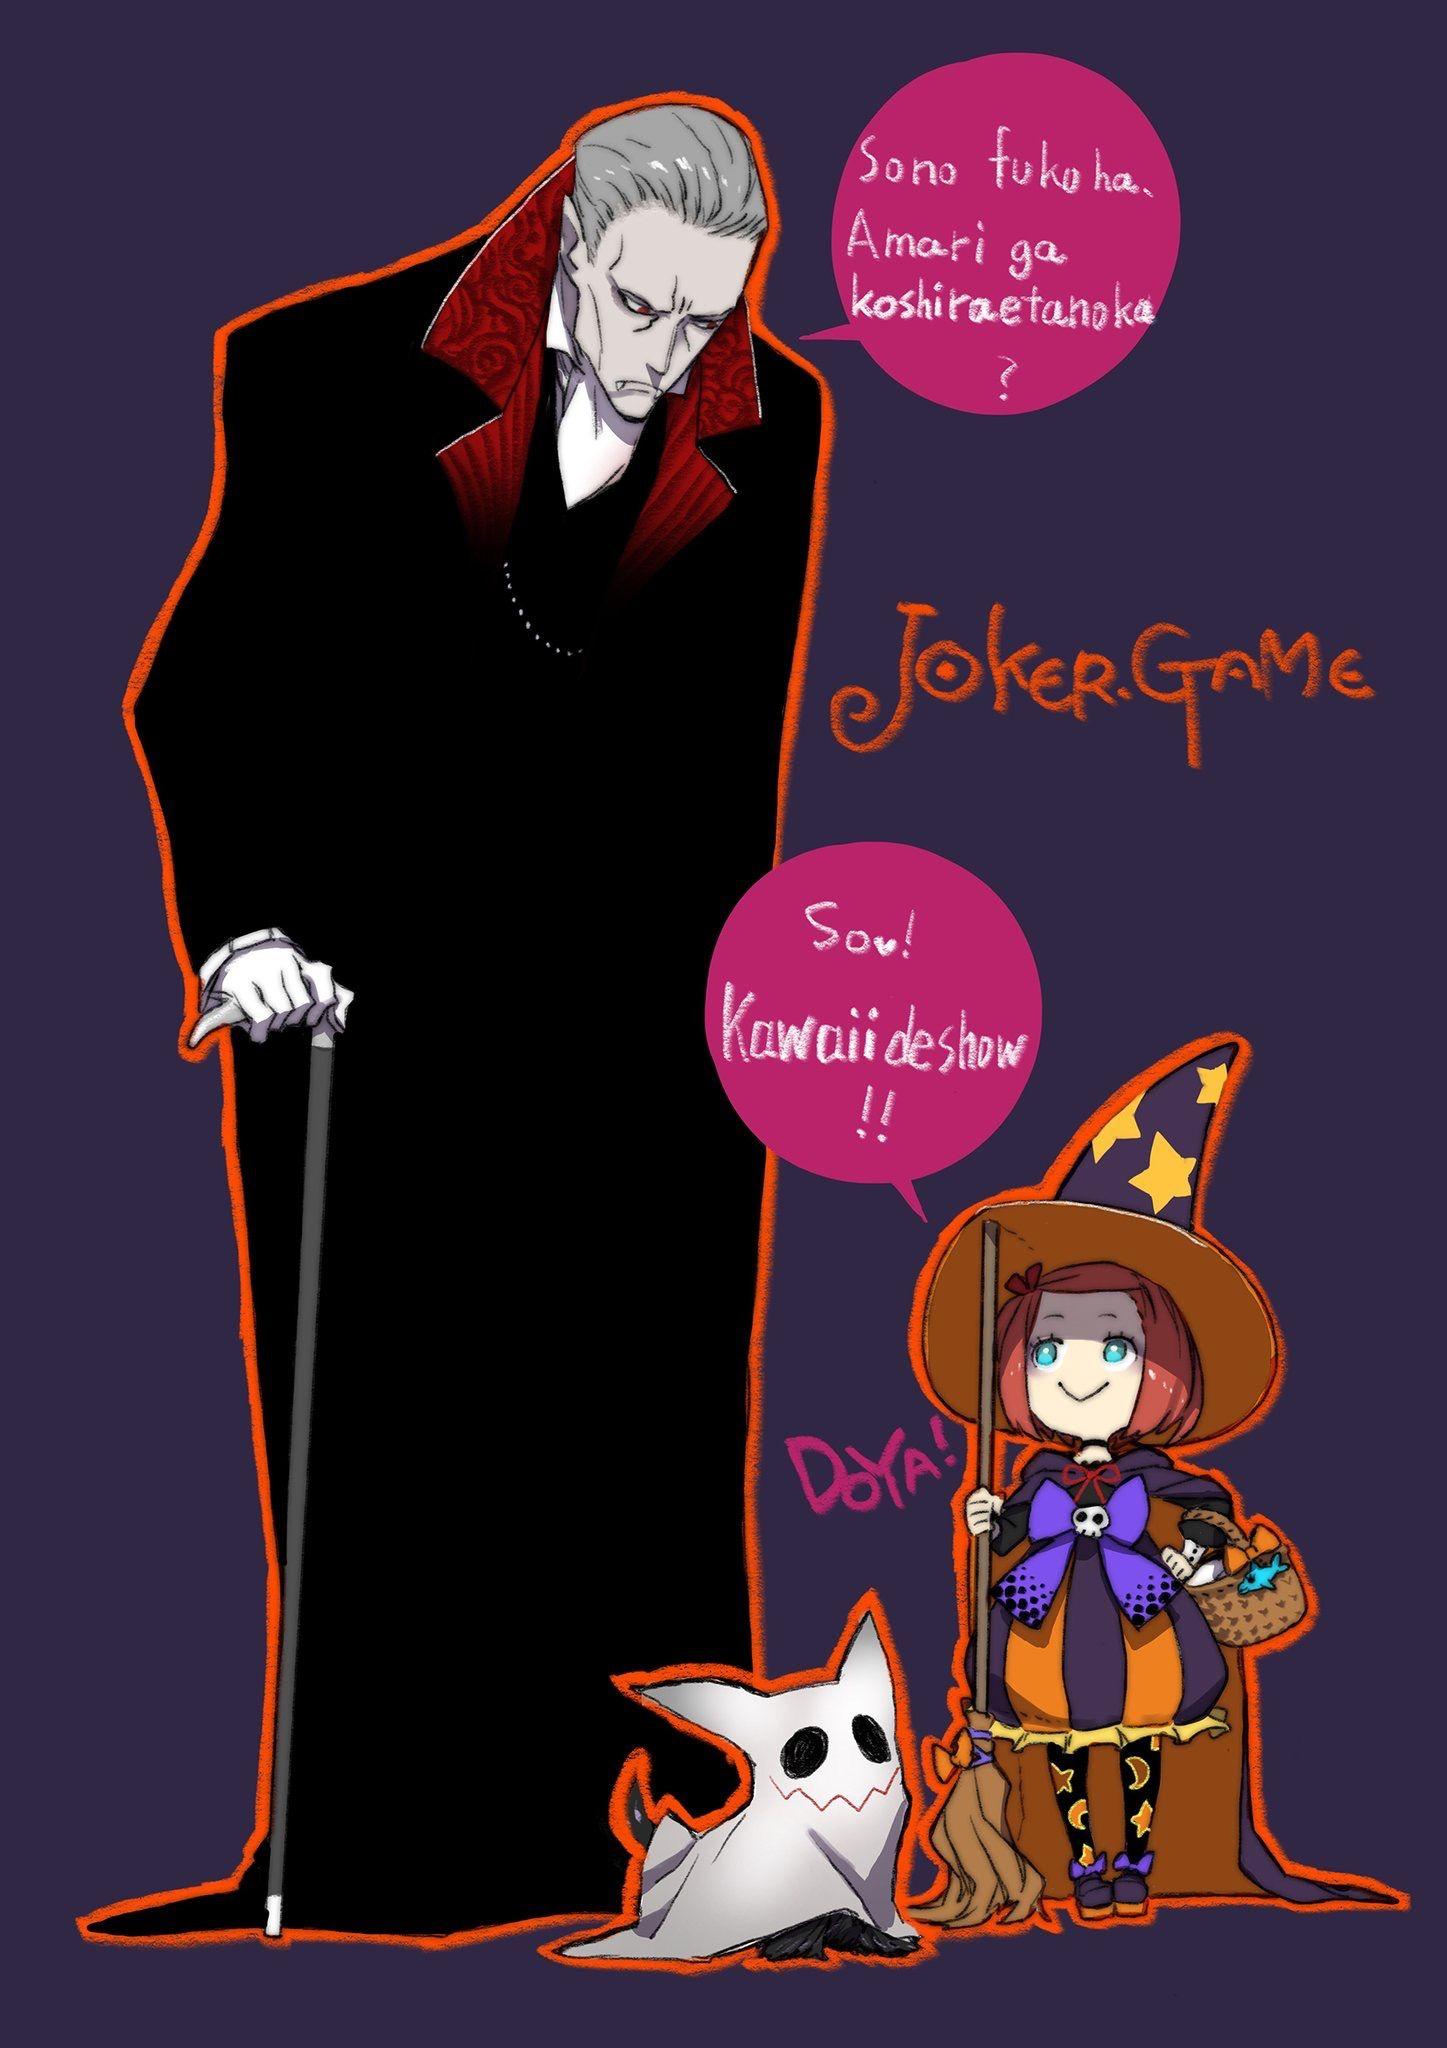 Pin de Nayanika Sen em Joker Game